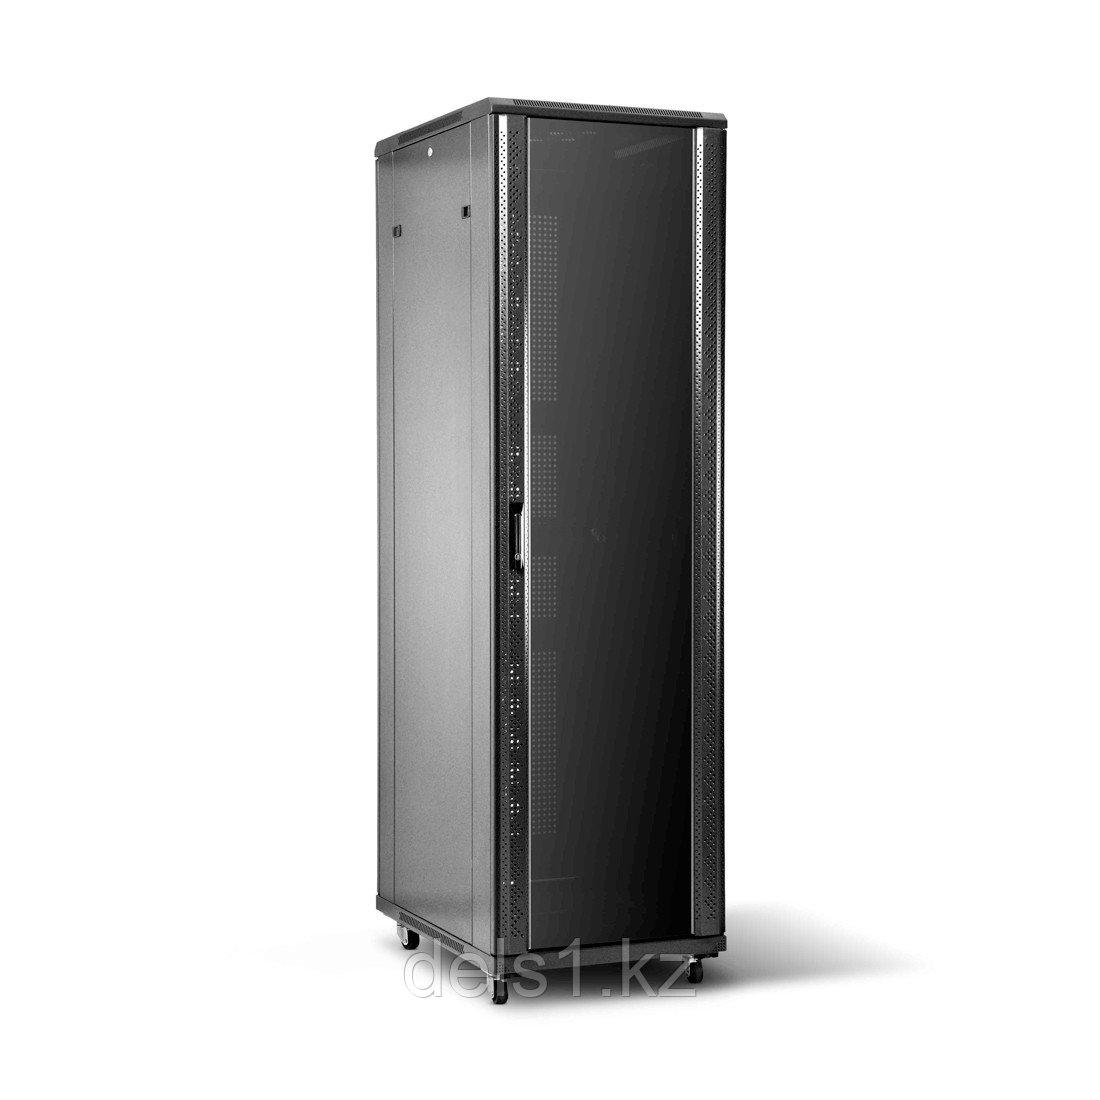 Шкаф серверный напольный SHIP 601S.6815.24.100 15U 600*800*800 мм